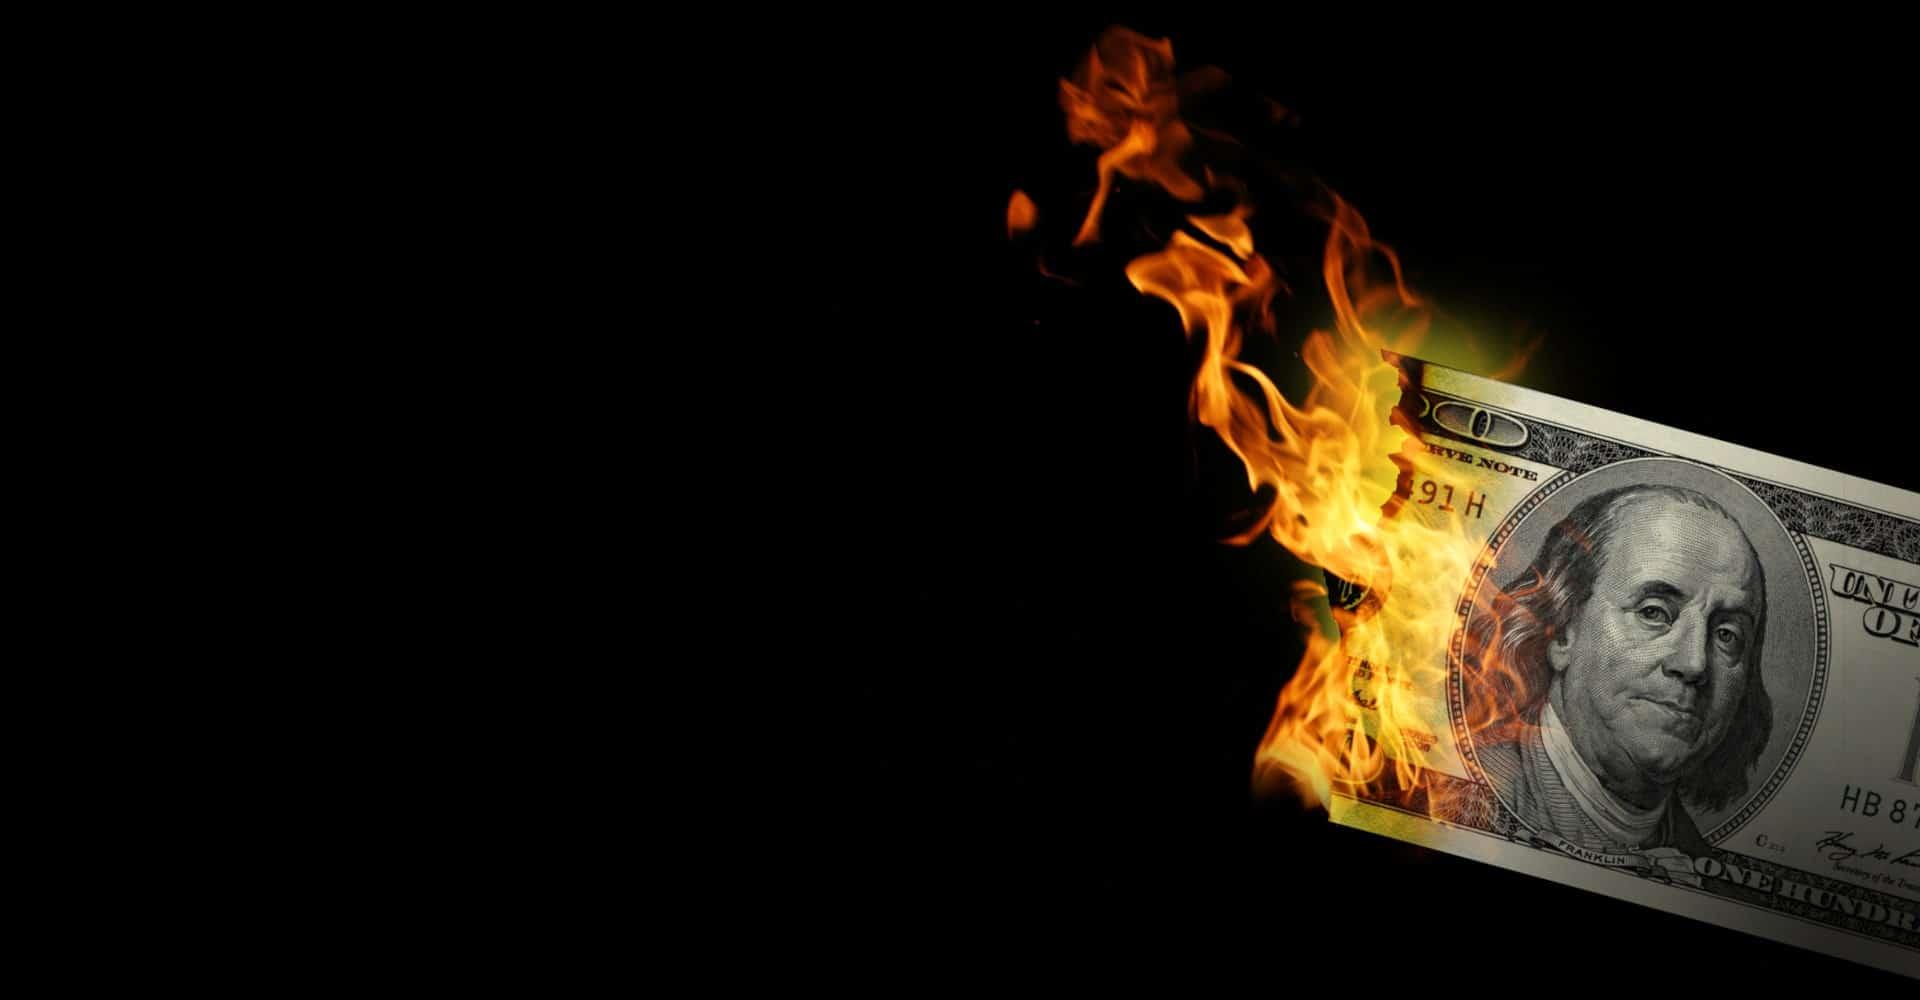 Vous brûlez votre argent avec la publicité Facebook | UPCOM Sàrl